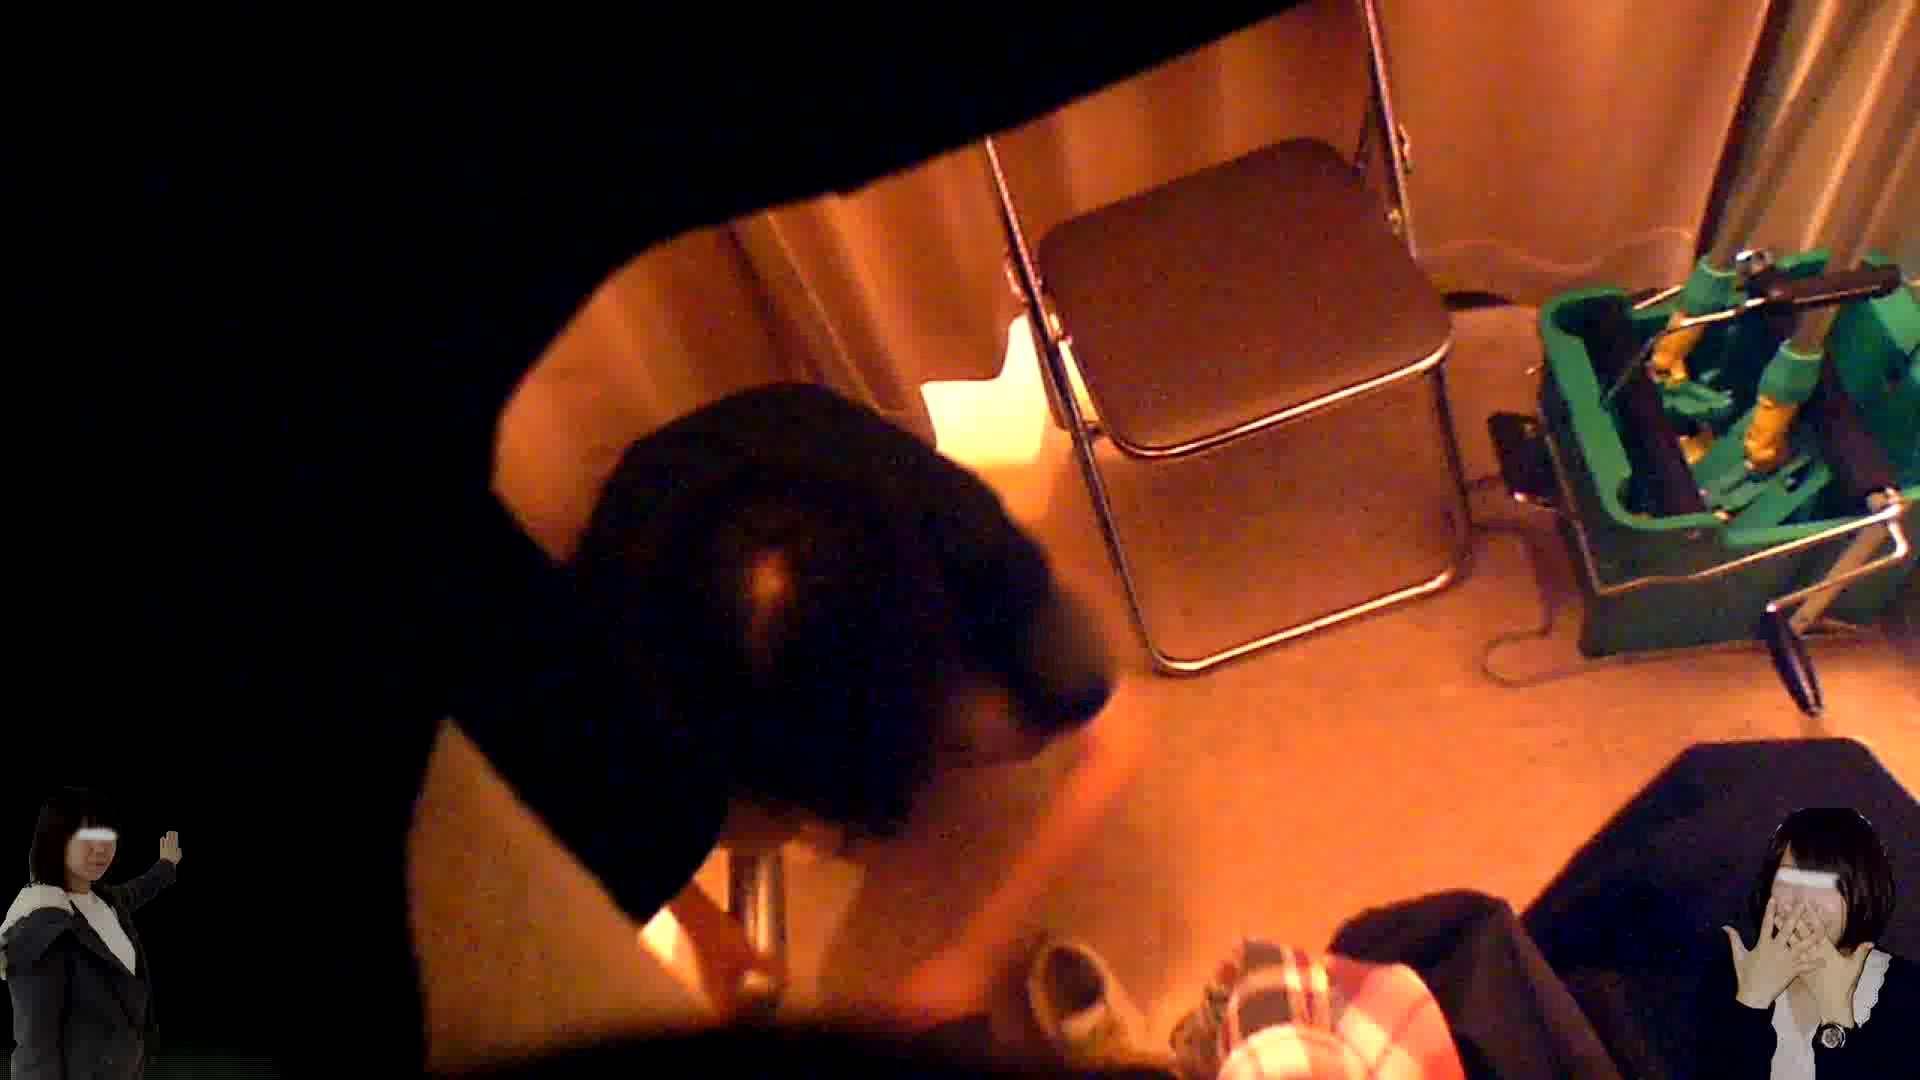 素人投稿 現役「JD」Eちゃんの着替え Vol.04 素人 のぞき濡れ場動画紹介 55連発 15